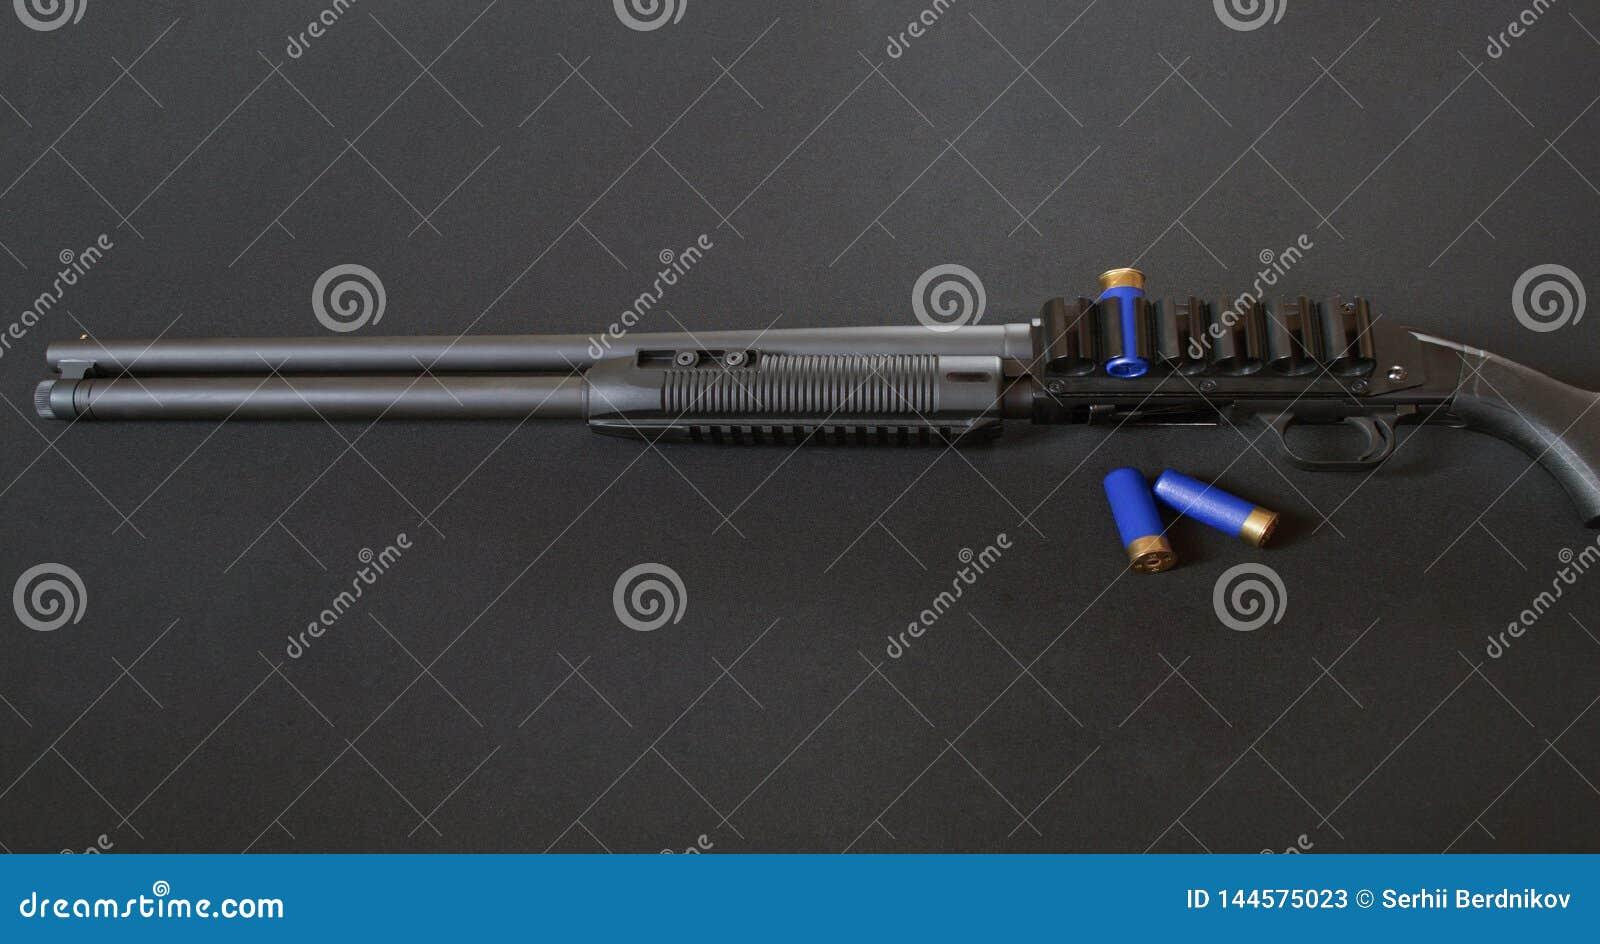 有两个回合的泵浦猎枪